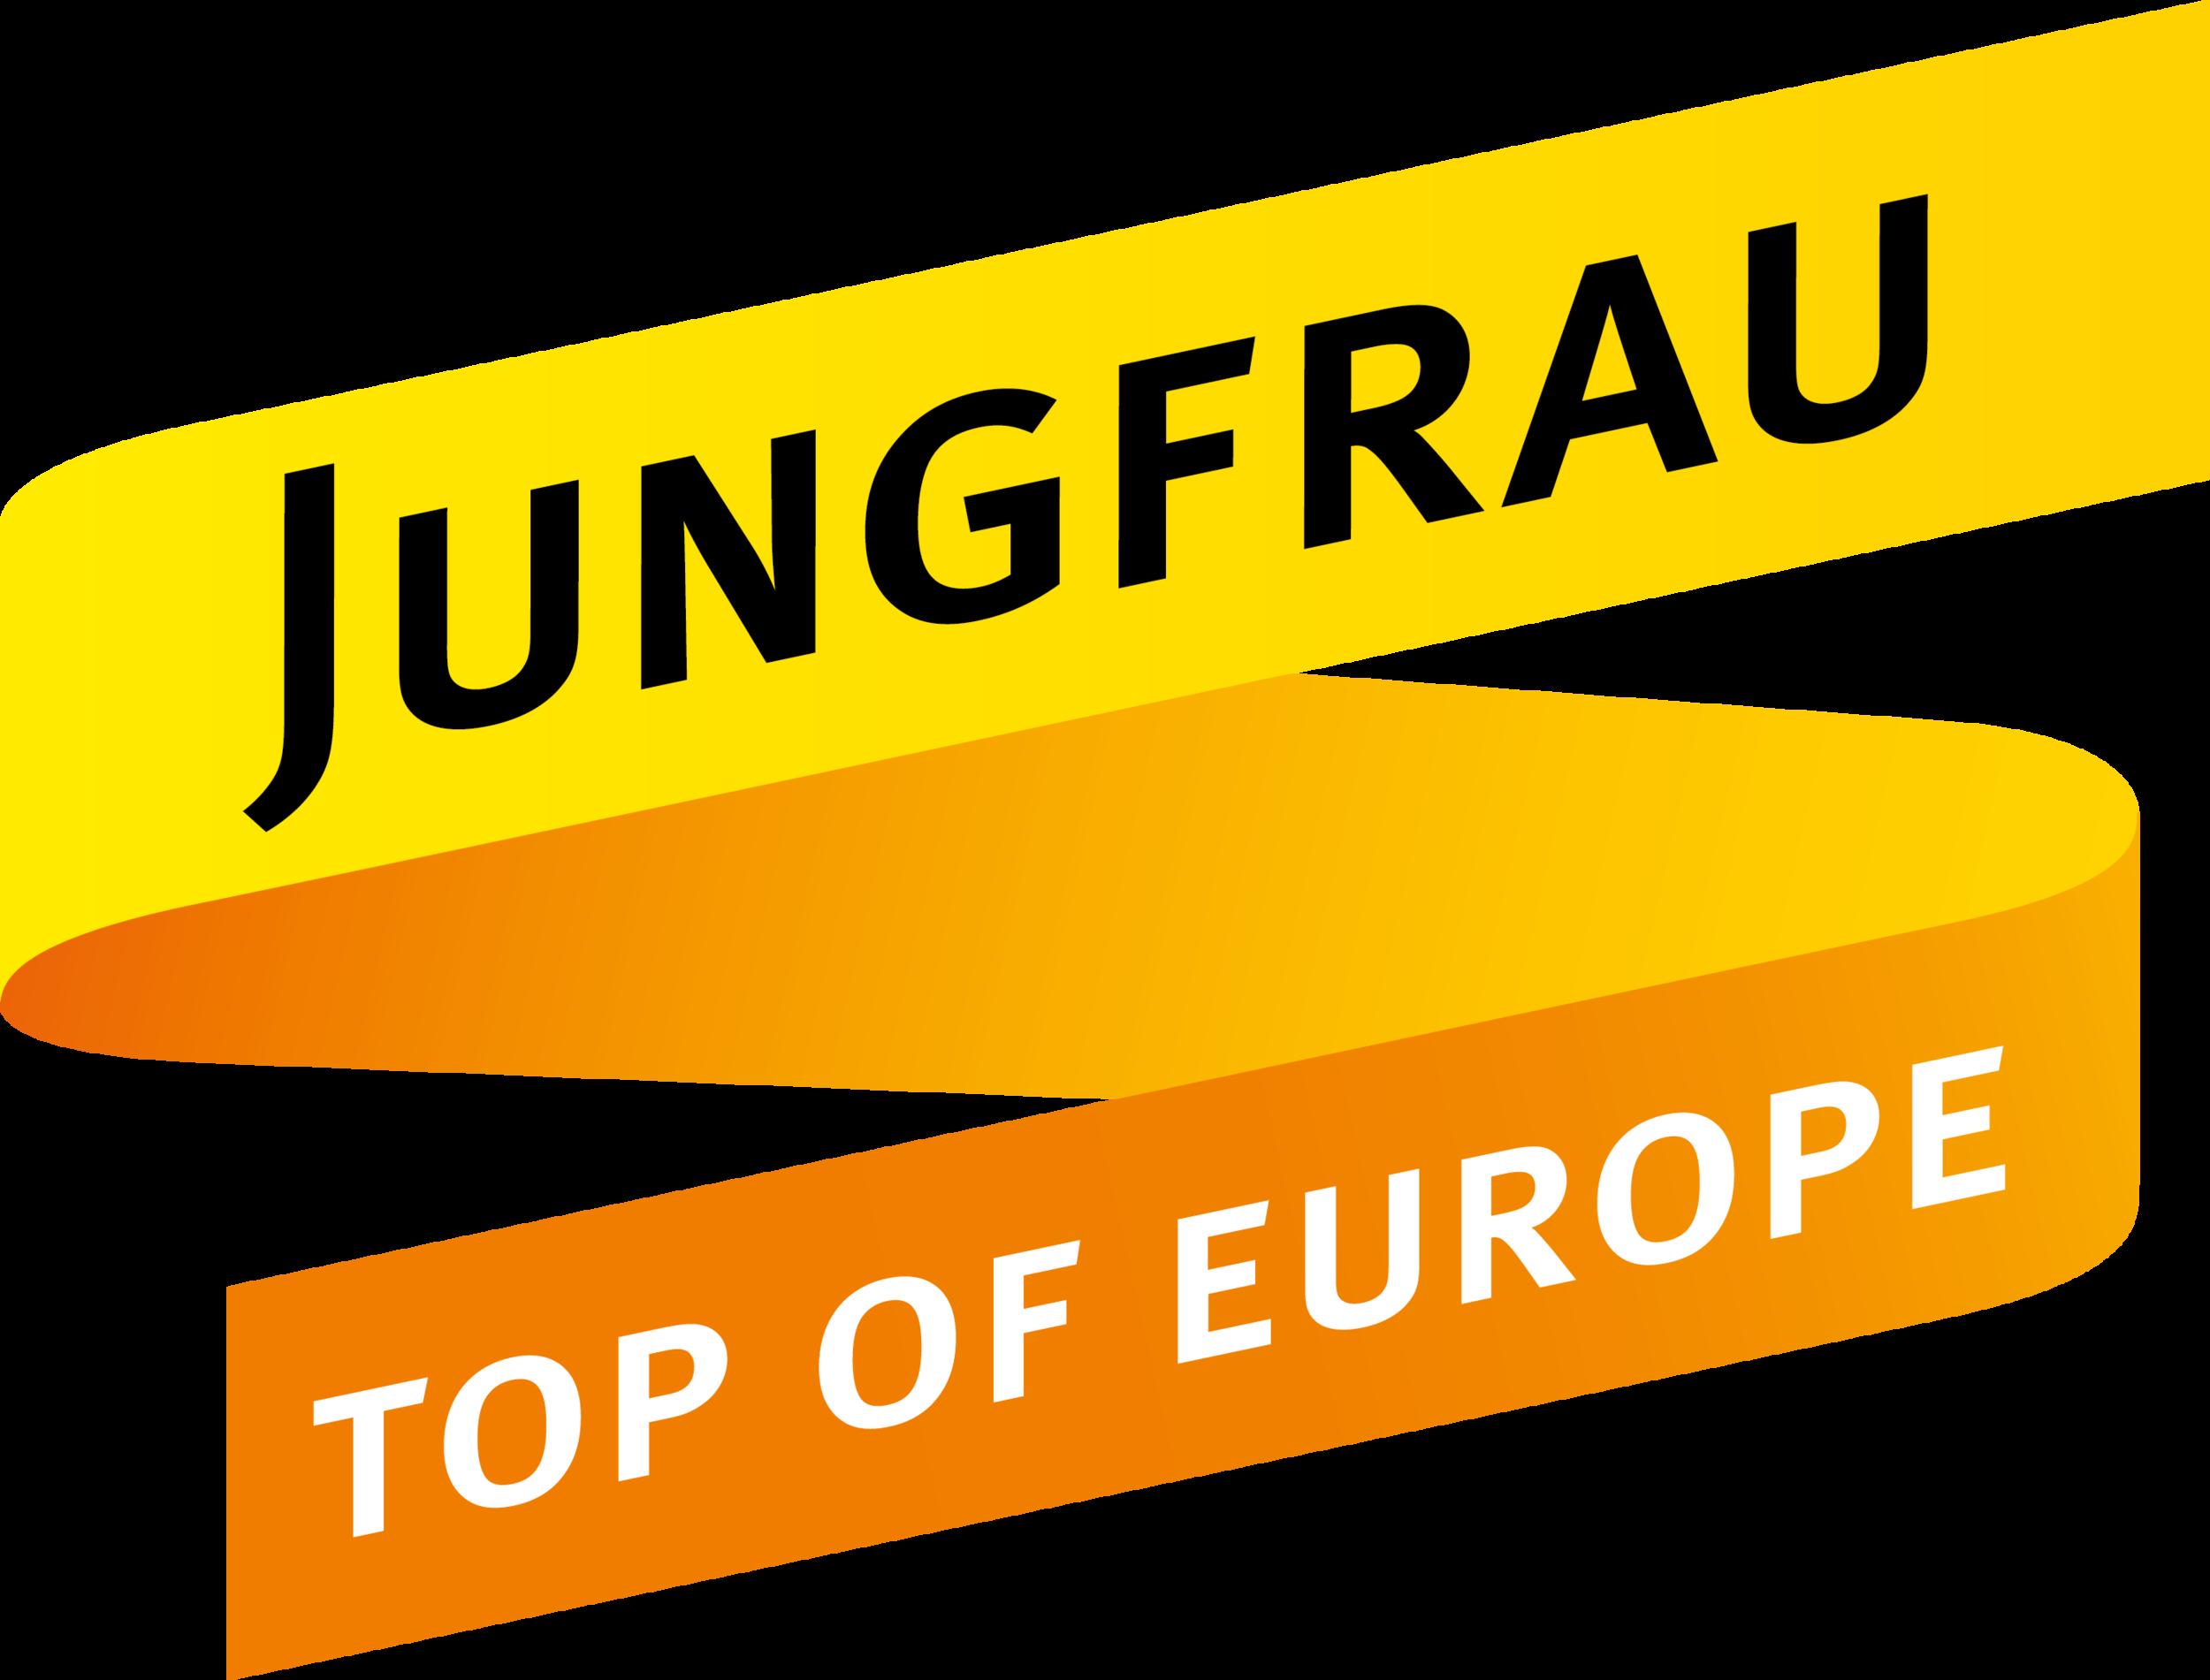 Jungfrau_RGB.png